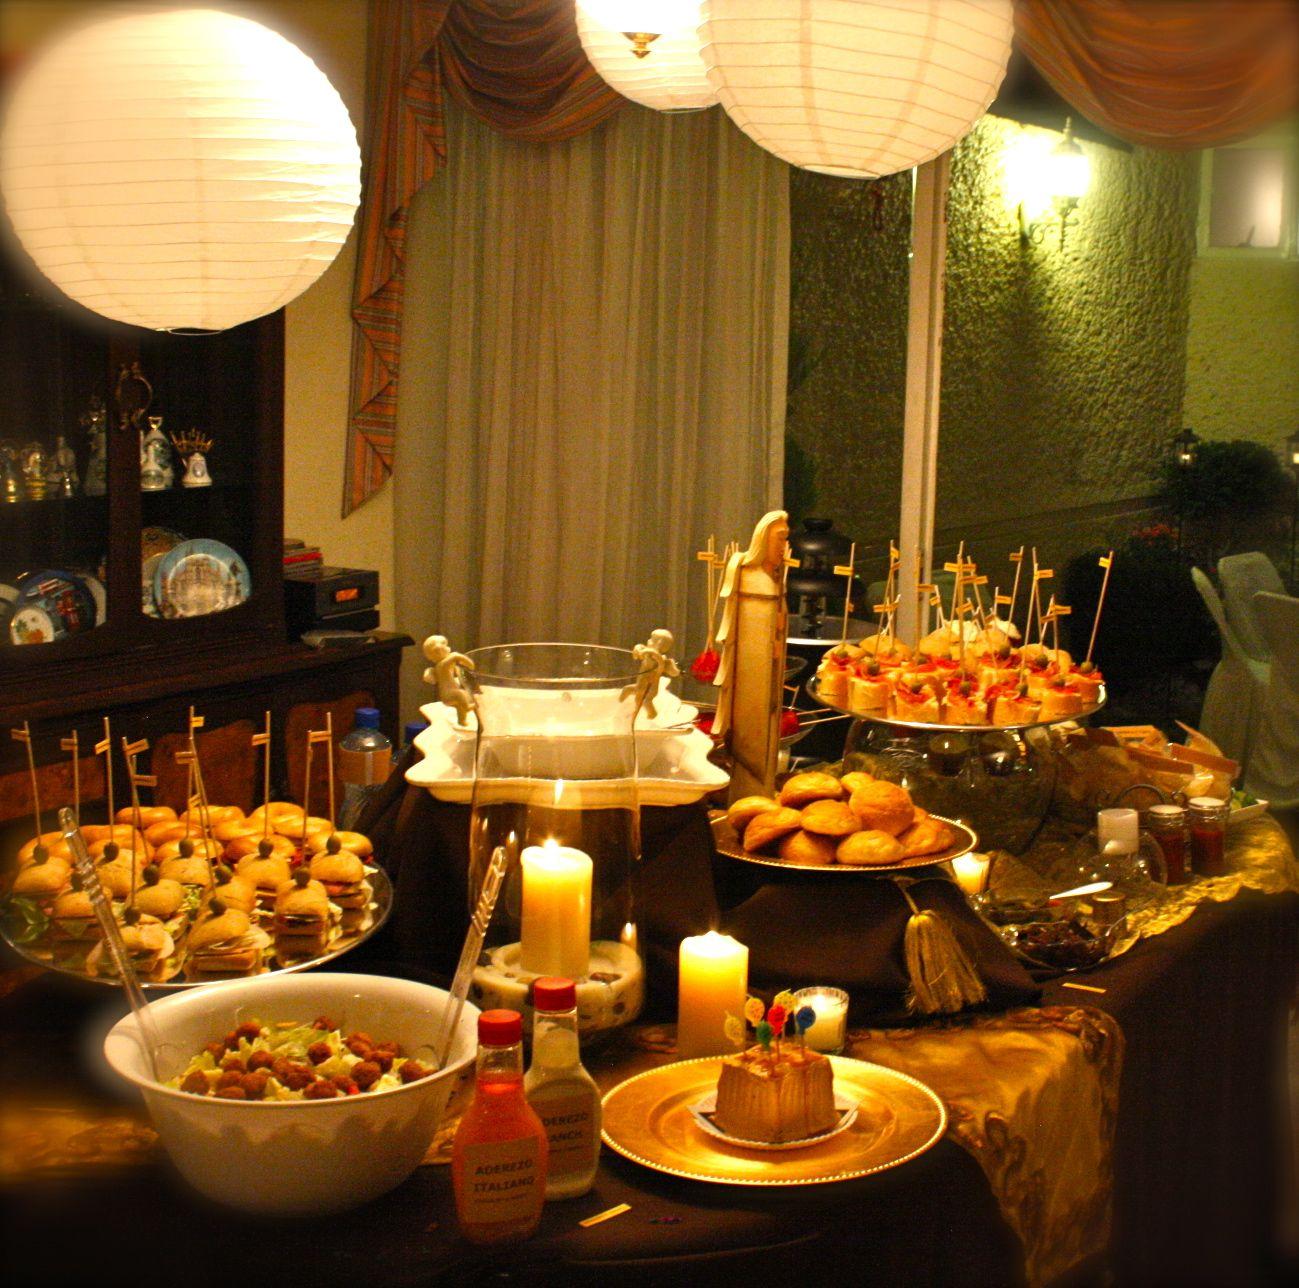 Snack s buffet montado para cumplea os en casa privada for Casa jardin buffet